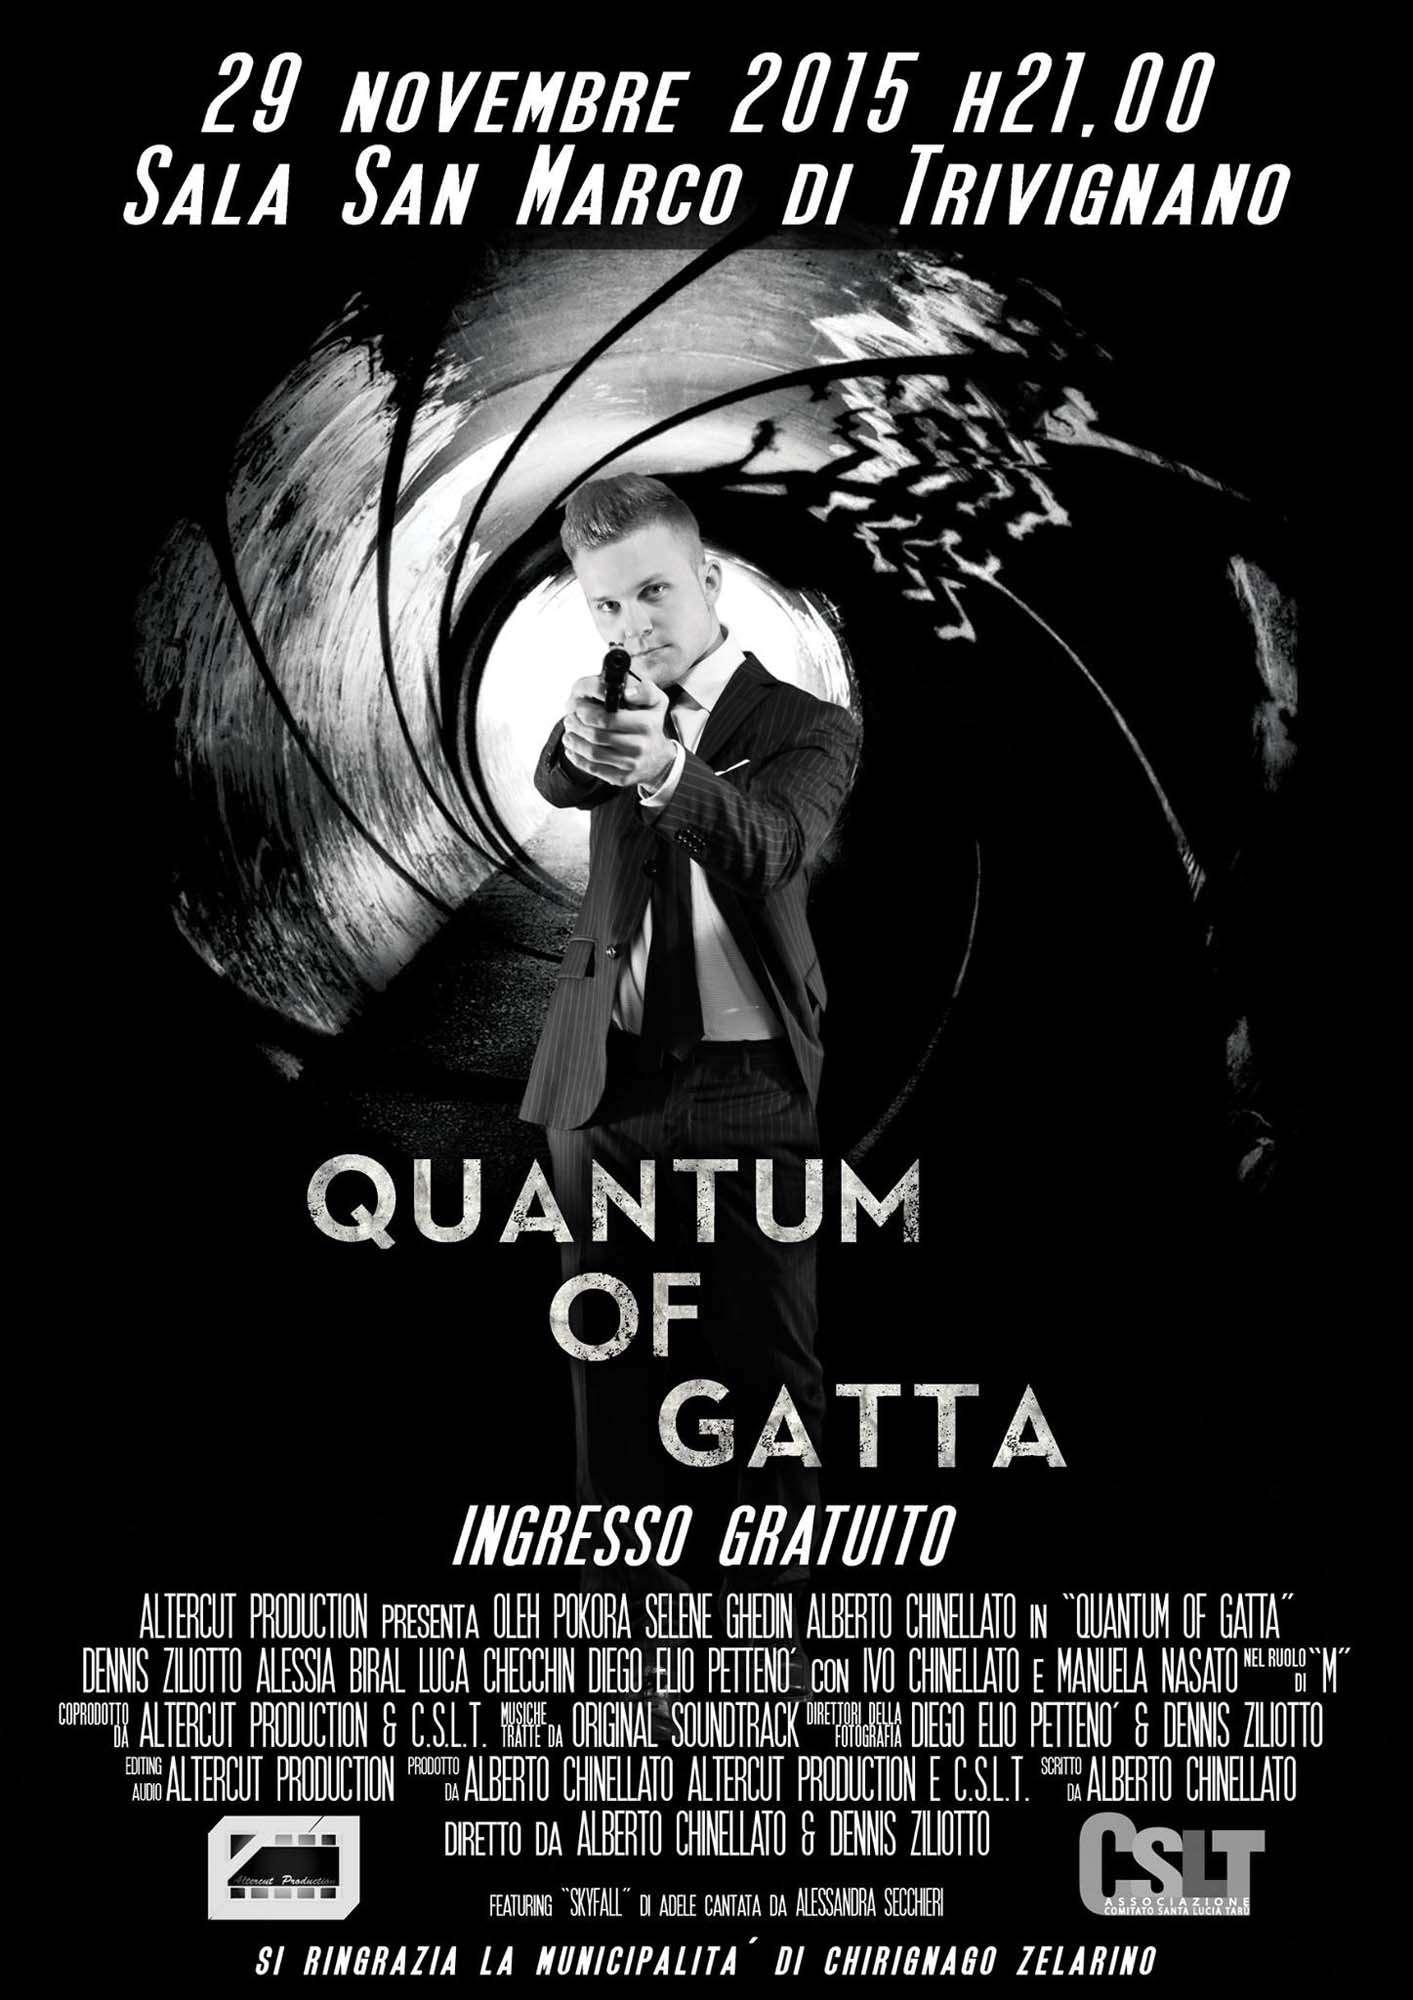 Quantum Of Gatta